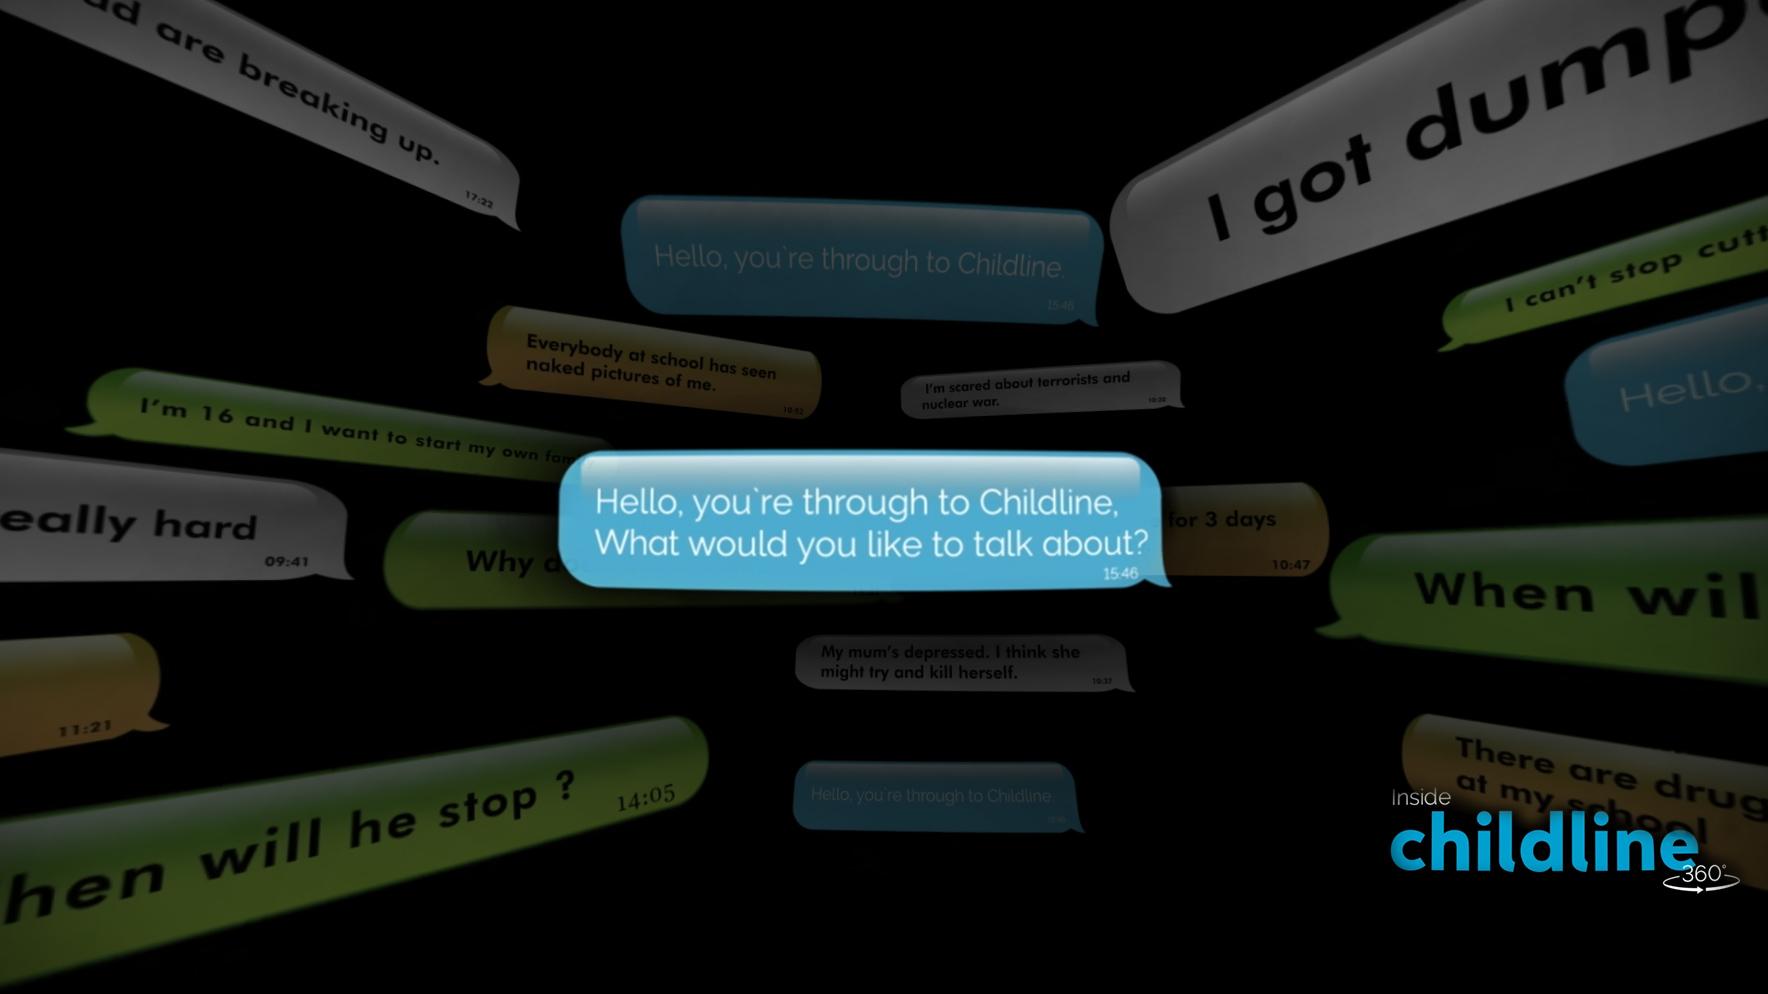 Inside Childline 360º